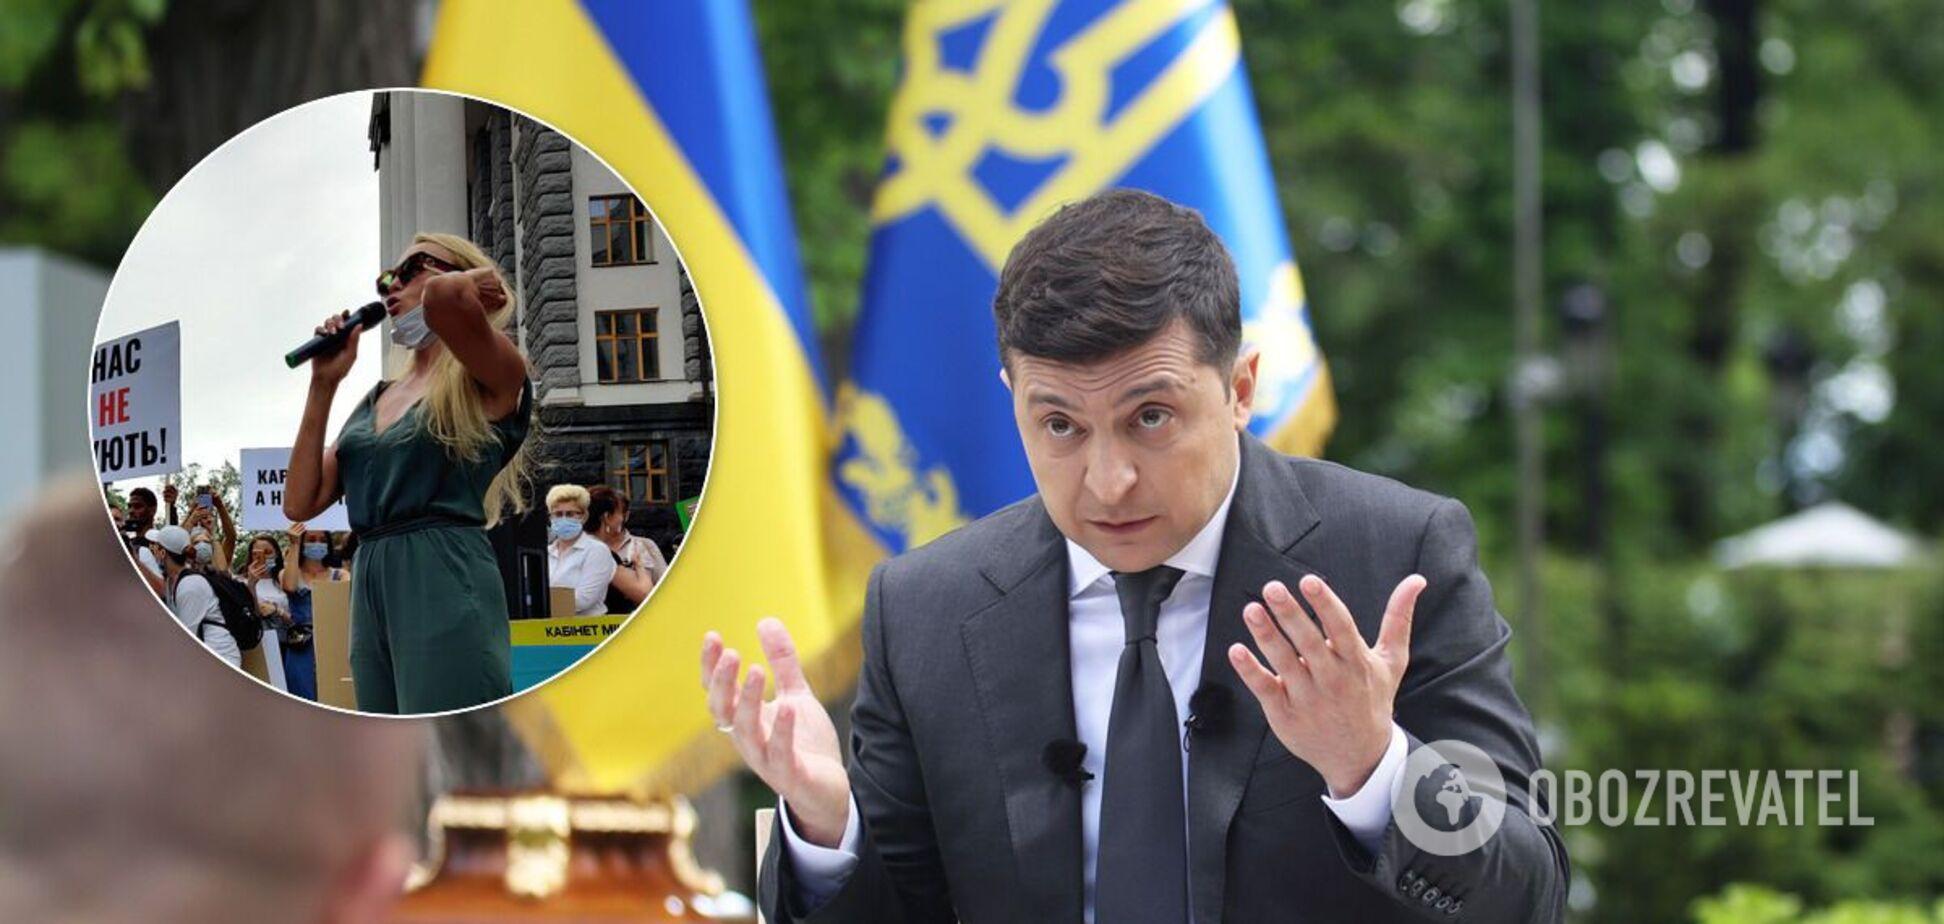 Рада поддержала в первом чтении законопроект о поддержке культурной сферы в Украине. Источник: Коллаж